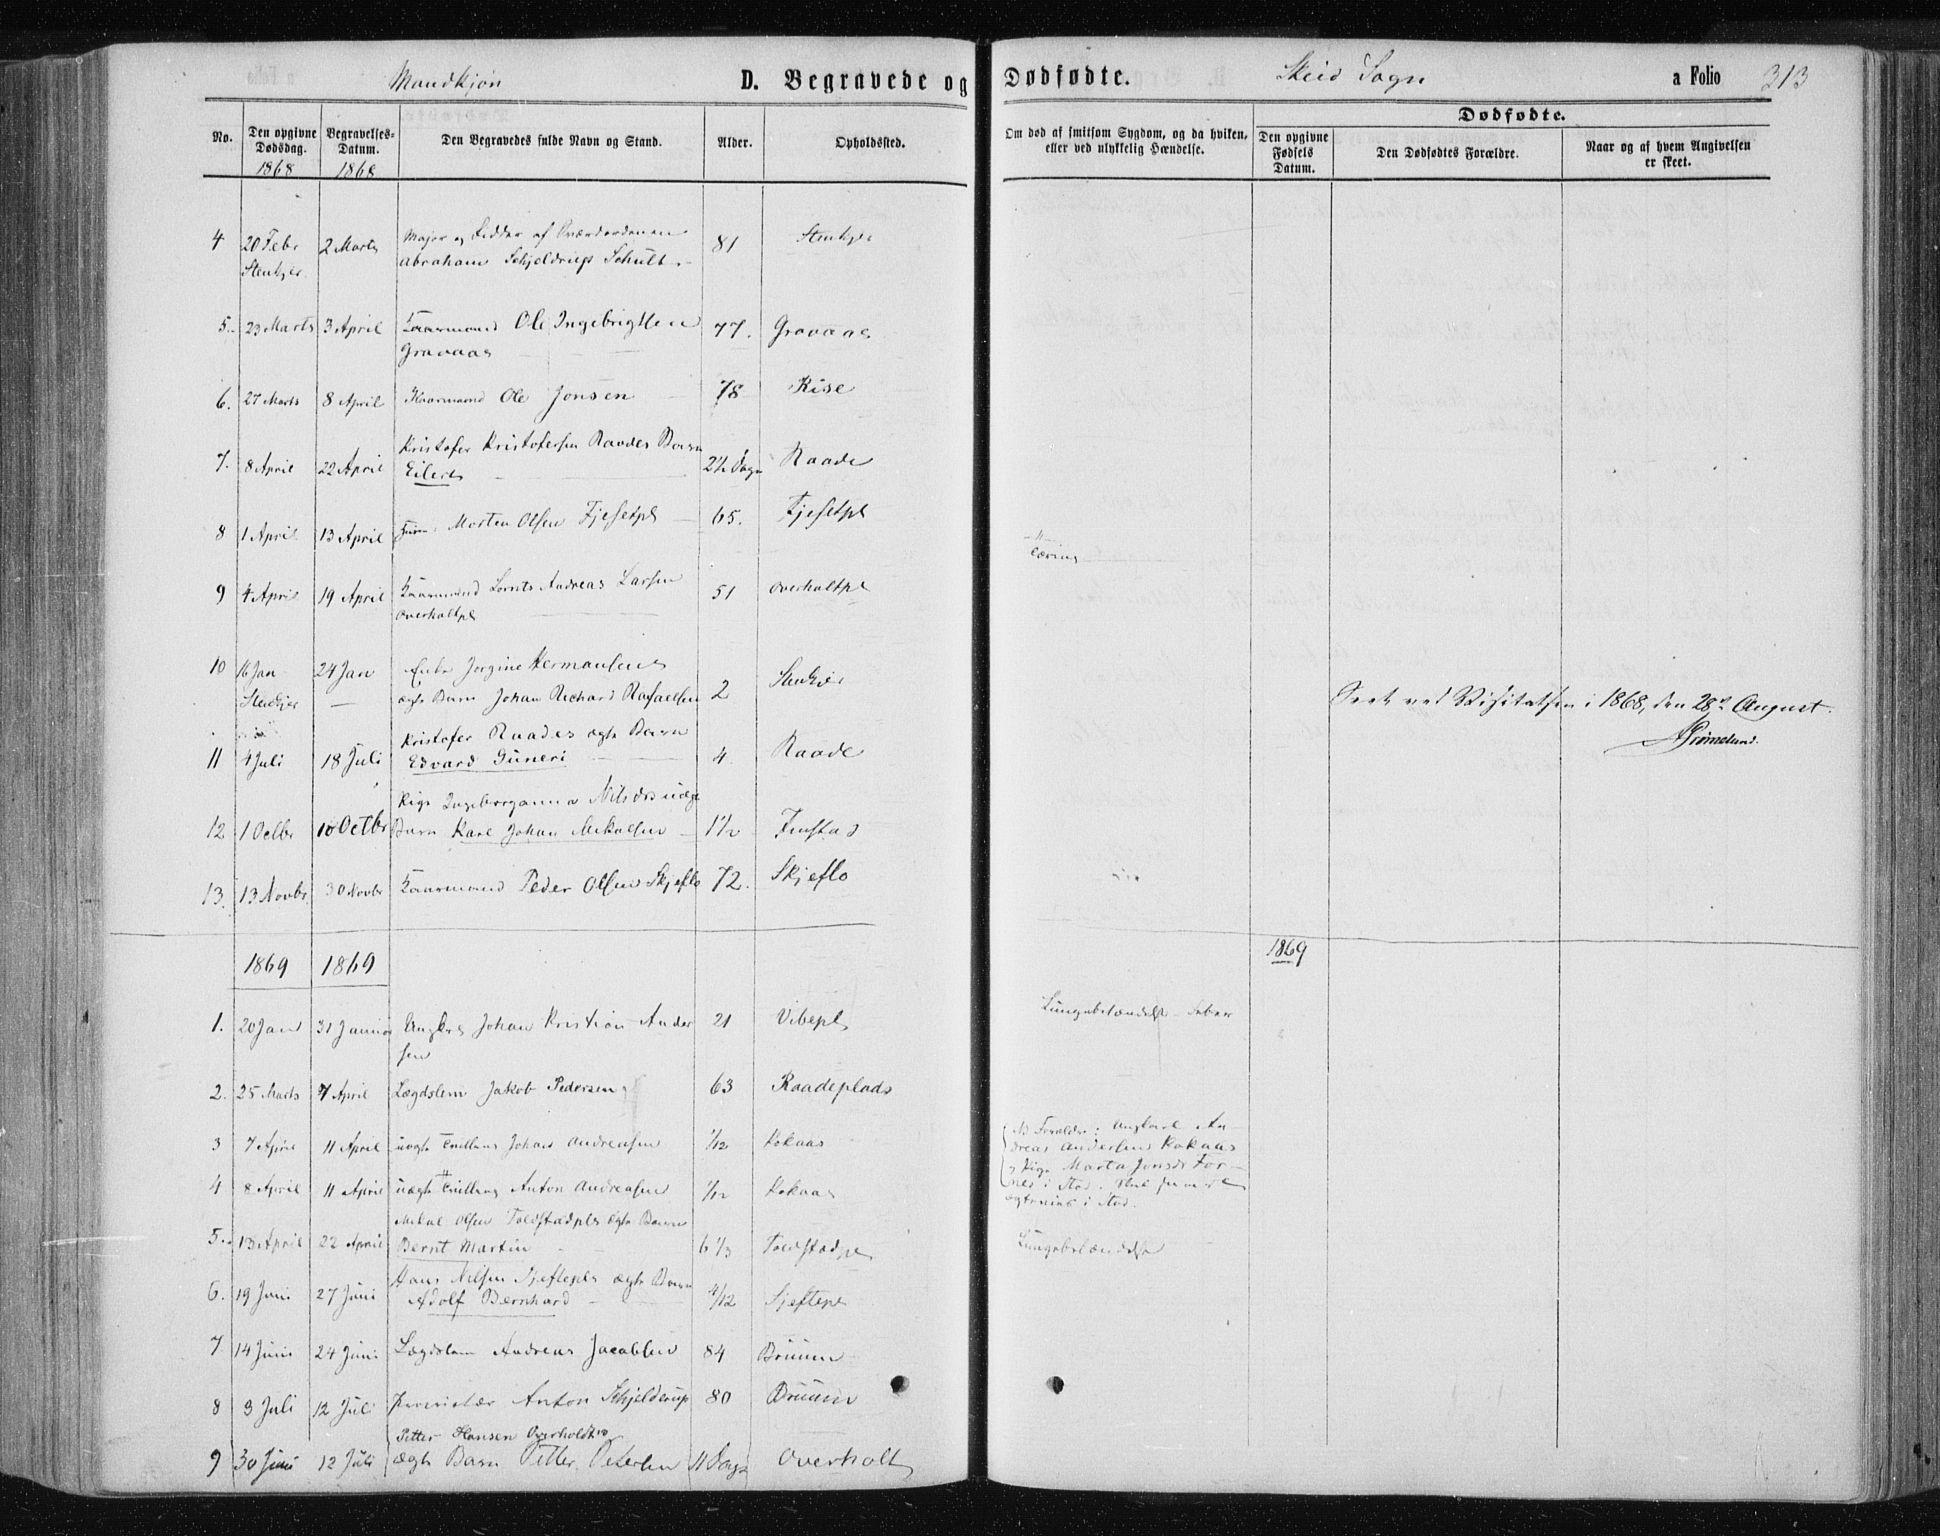 SAT, Ministerialprotokoller, klokkerbøker og fødselsregistre - Nord-Trøndelag, 735/L0345: Ministerialbok nr. 735A08 /2, 1863-1872, s. 313